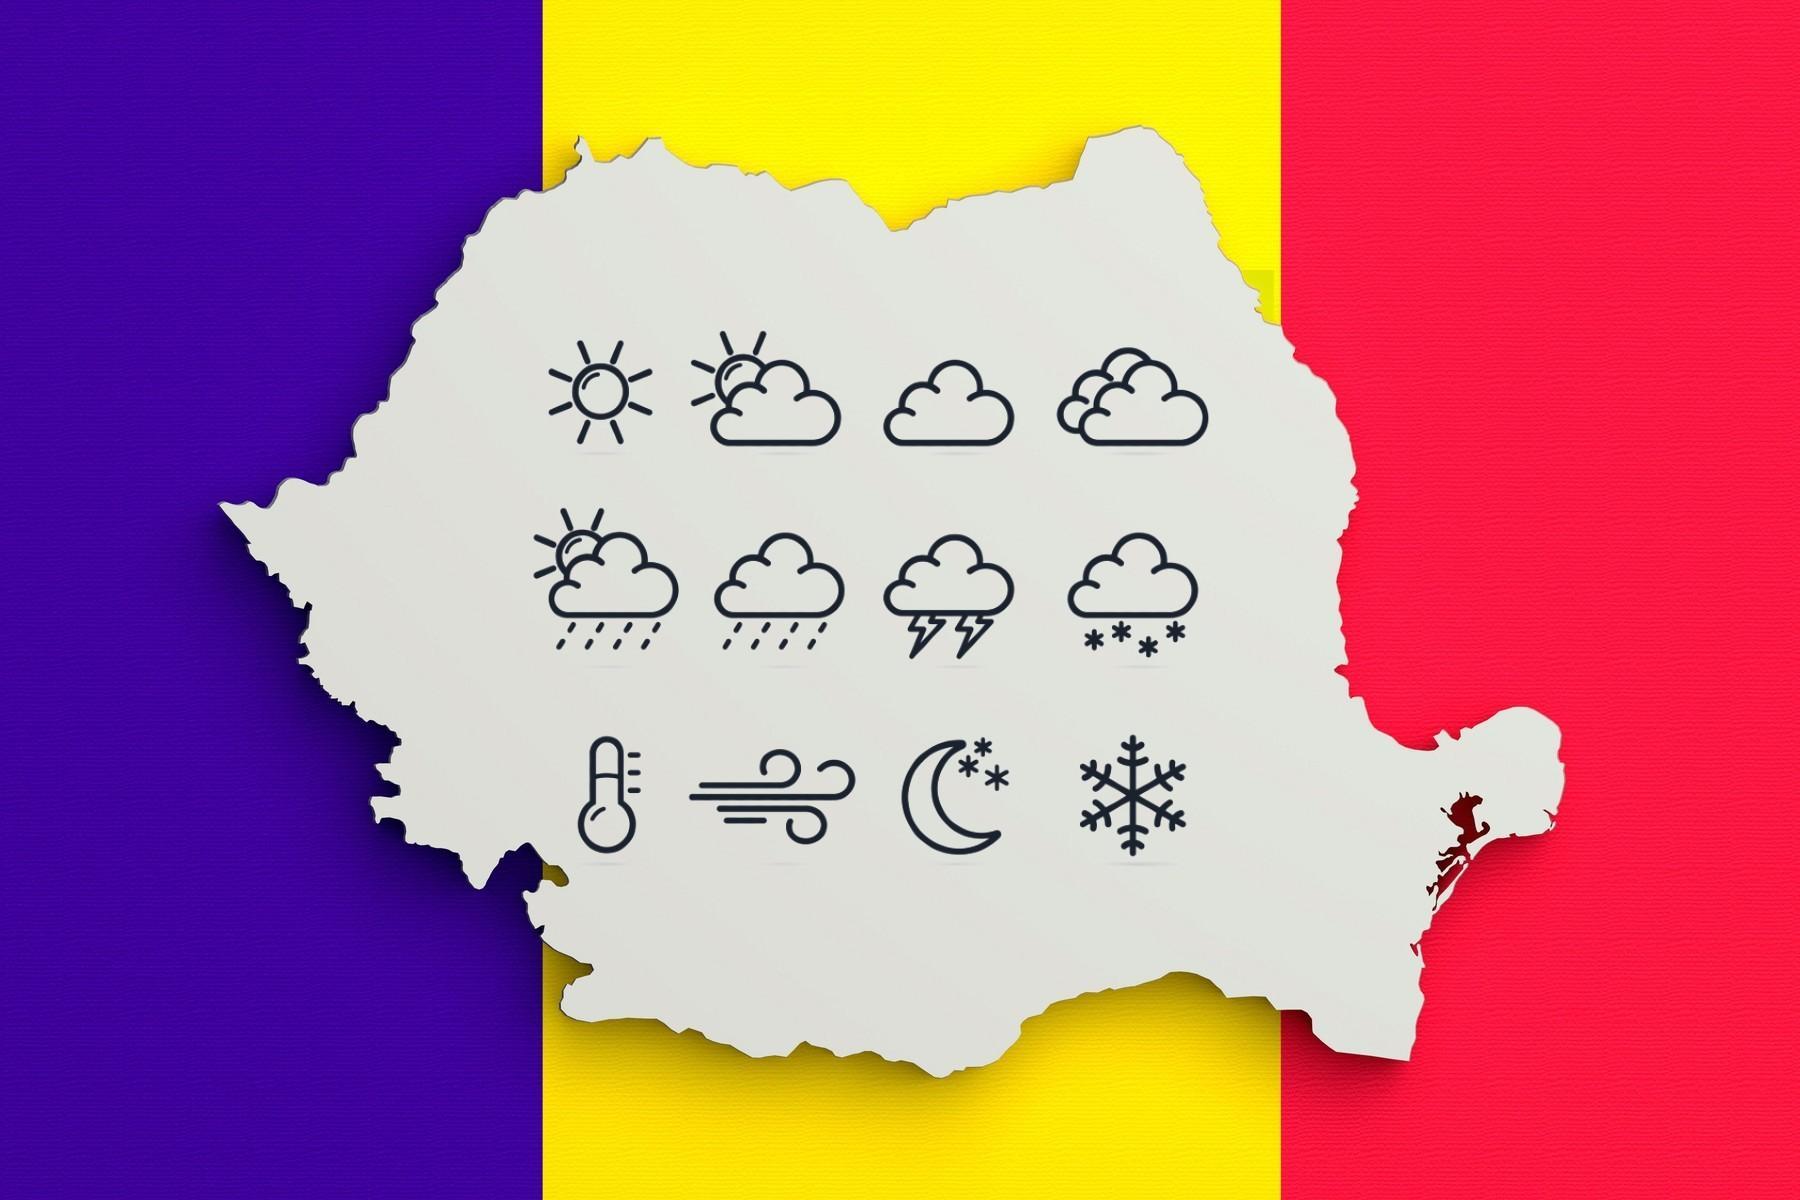 Prognoza Meteo, 13 aprilie 2021. Cum va fi vremea în România și care sunt previziunile ANM pentru astăzi